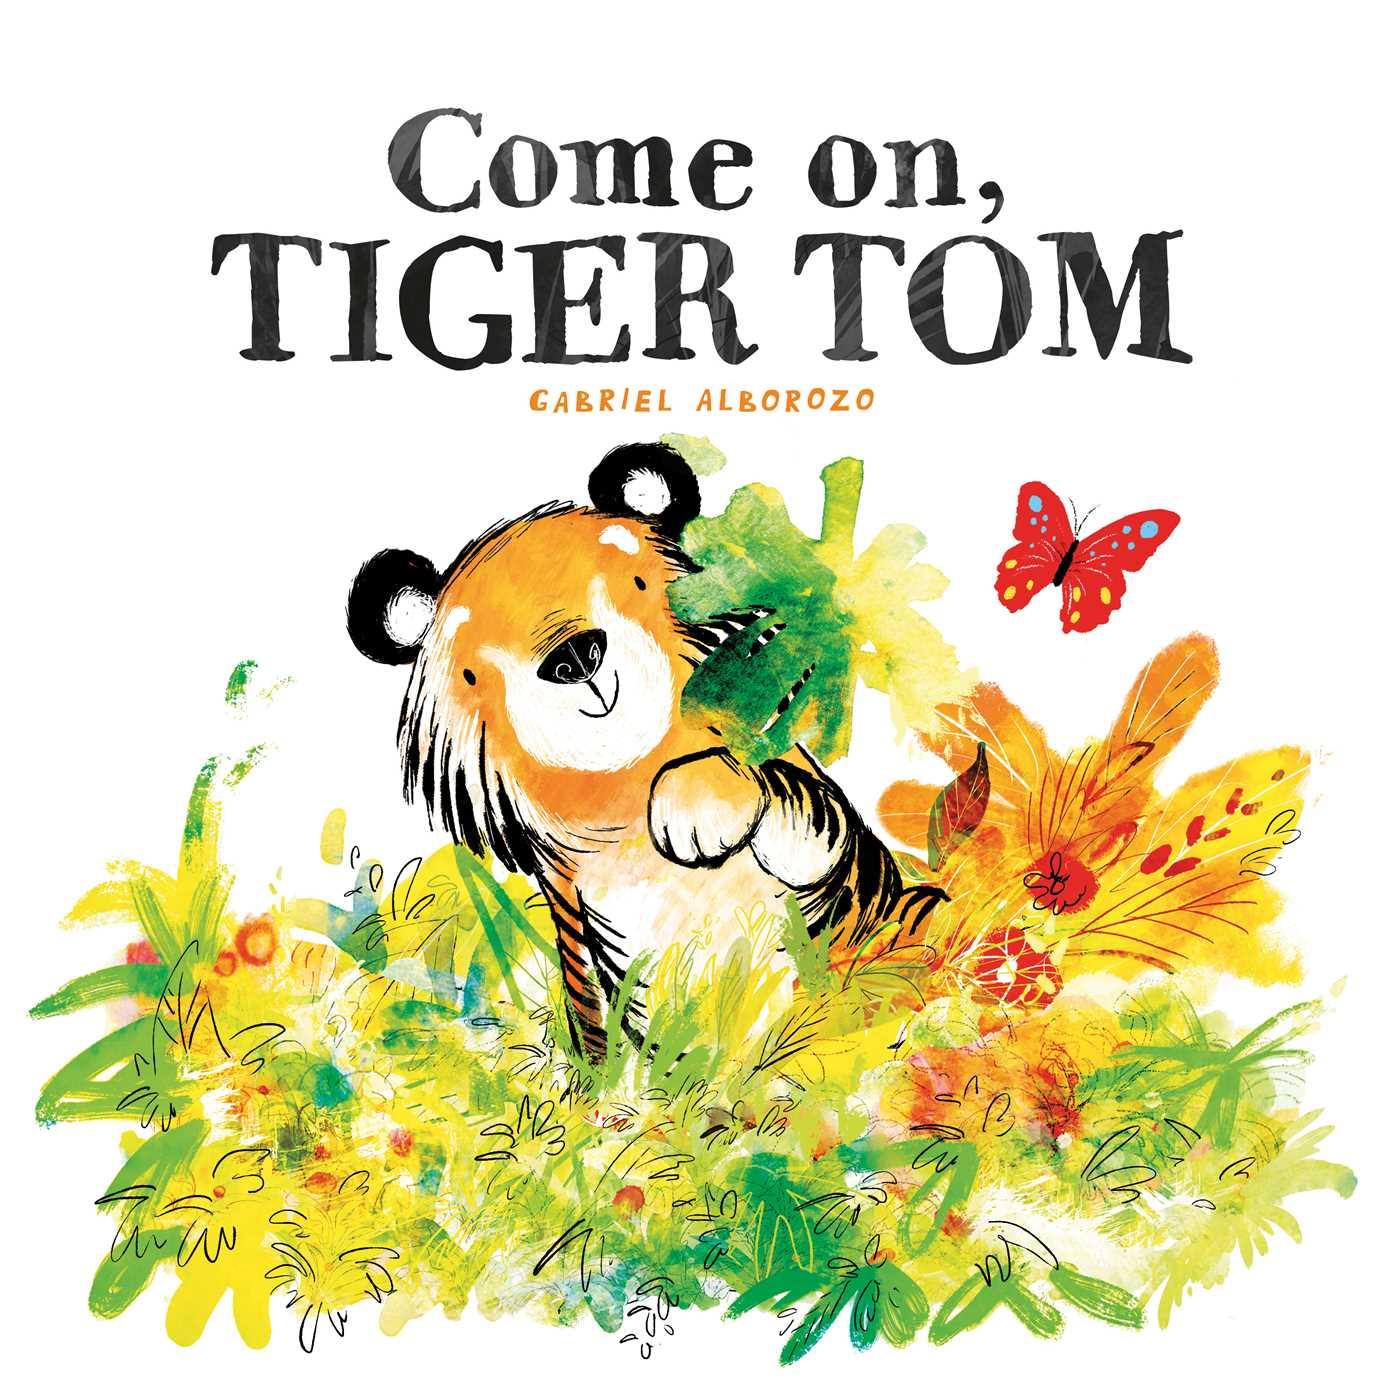 Come on tiger tom 9781471143878 hr